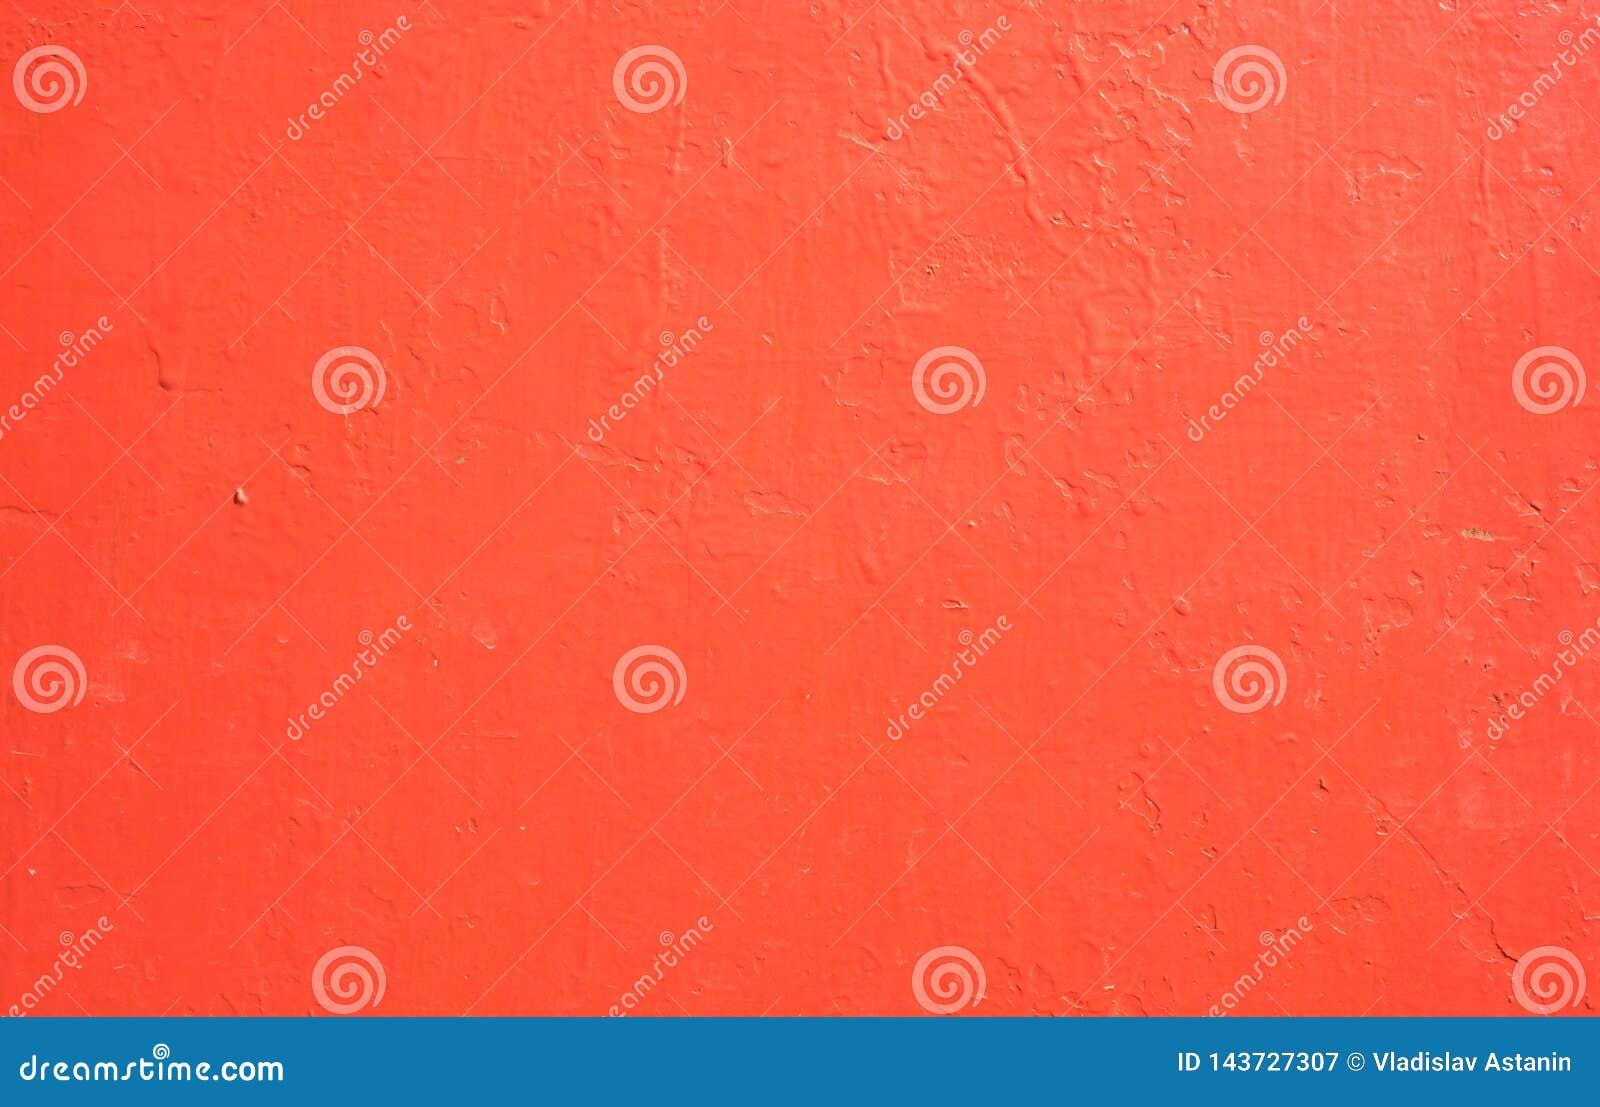 Κόκκινη χρωματισμένη απεικόνιση υποβάθρου μετάλλων για τα Χριστούγεν